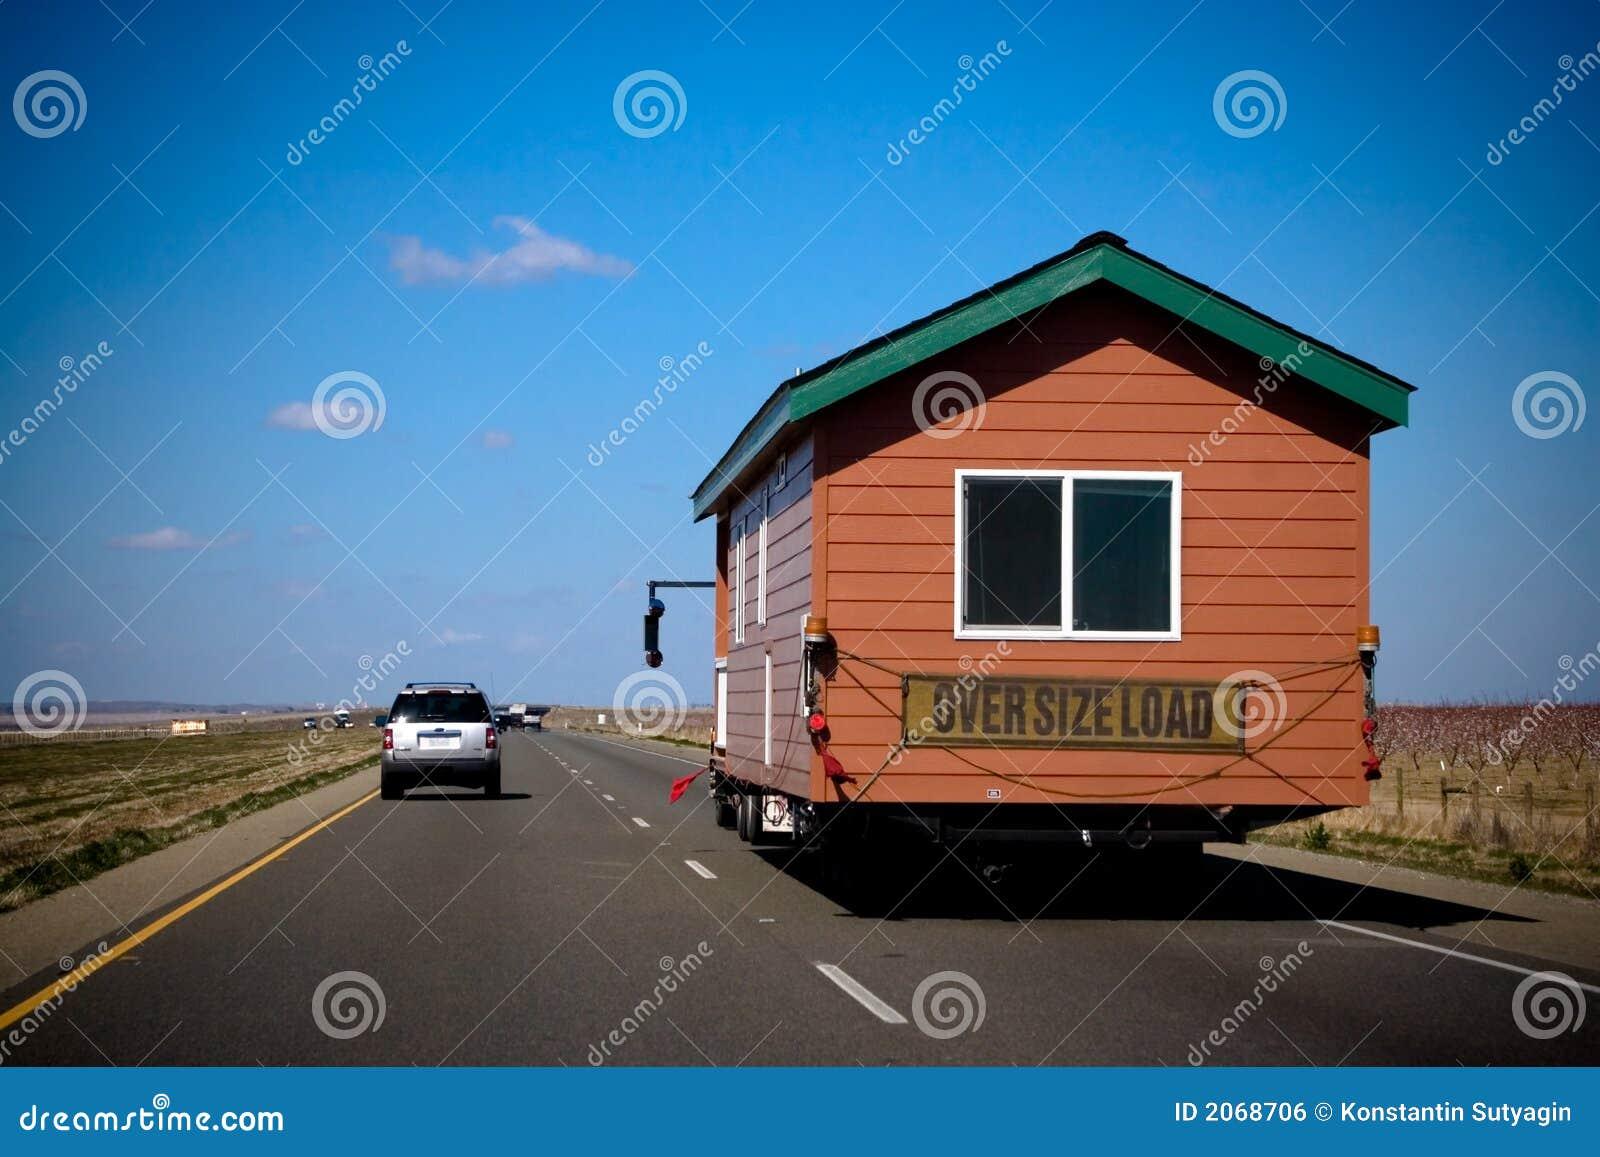 maison mobile photo stock image du lignes autoroute 2068706. Black Bedroom Furniture Sets. Home Design Ideas